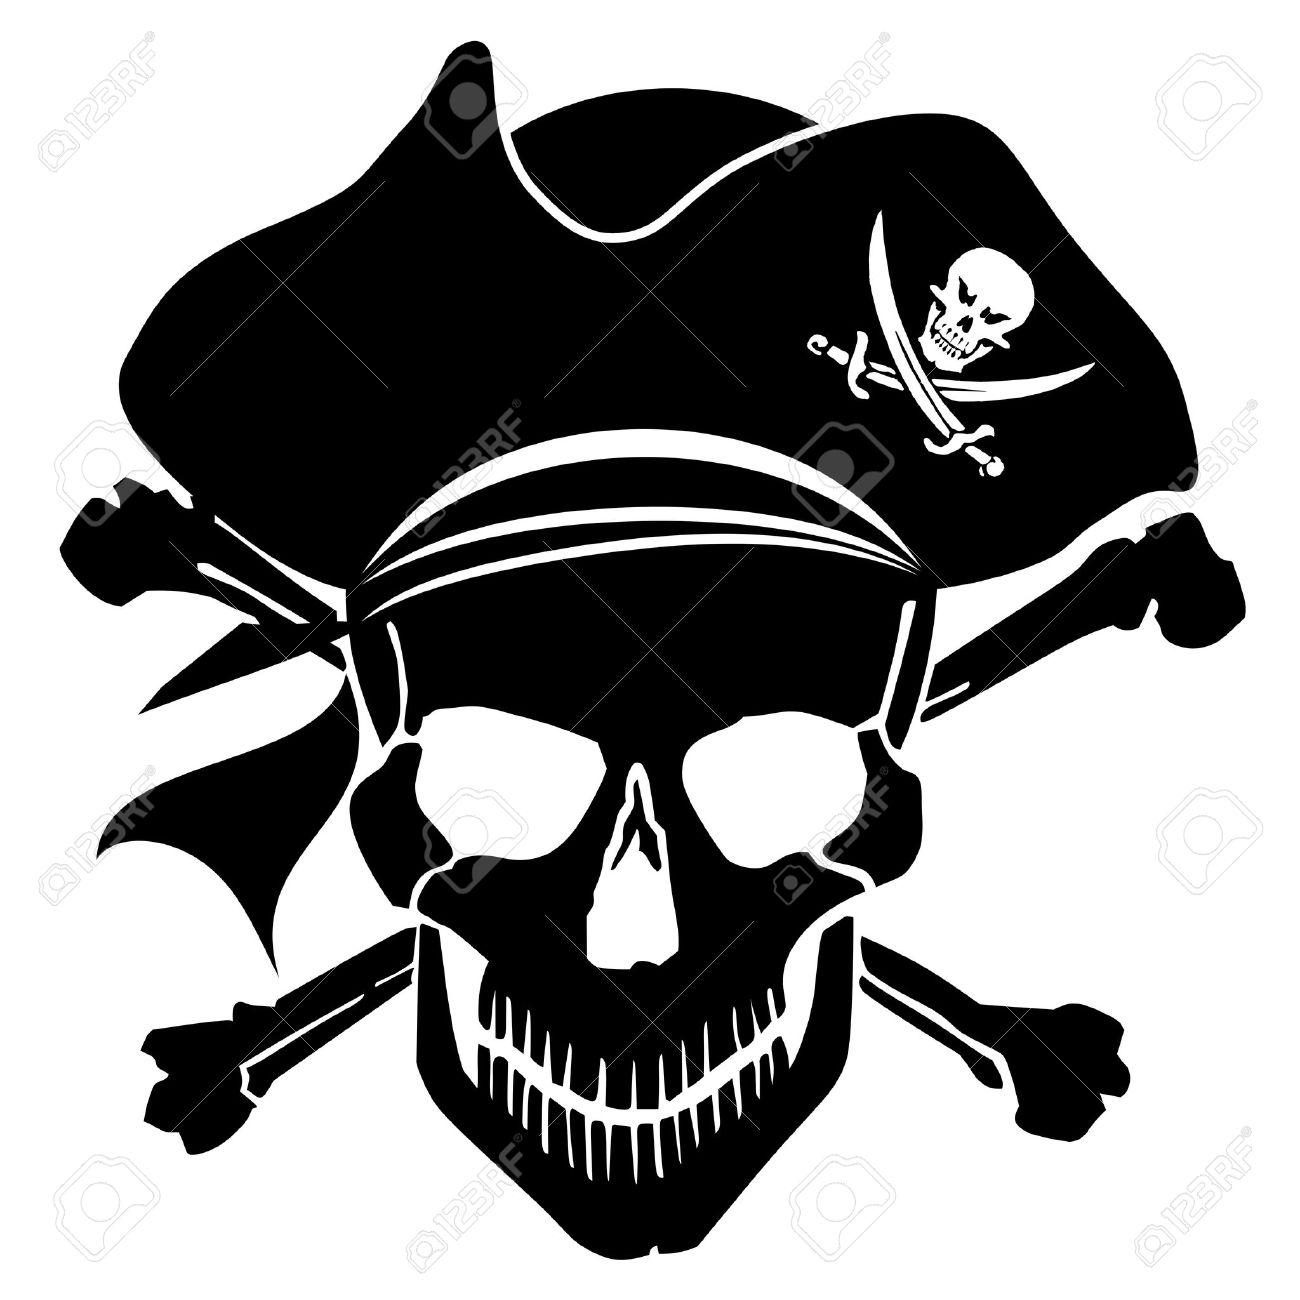 Capitán Pirata Calavera Con Sombrero Y La Cruz Ilustración Bones